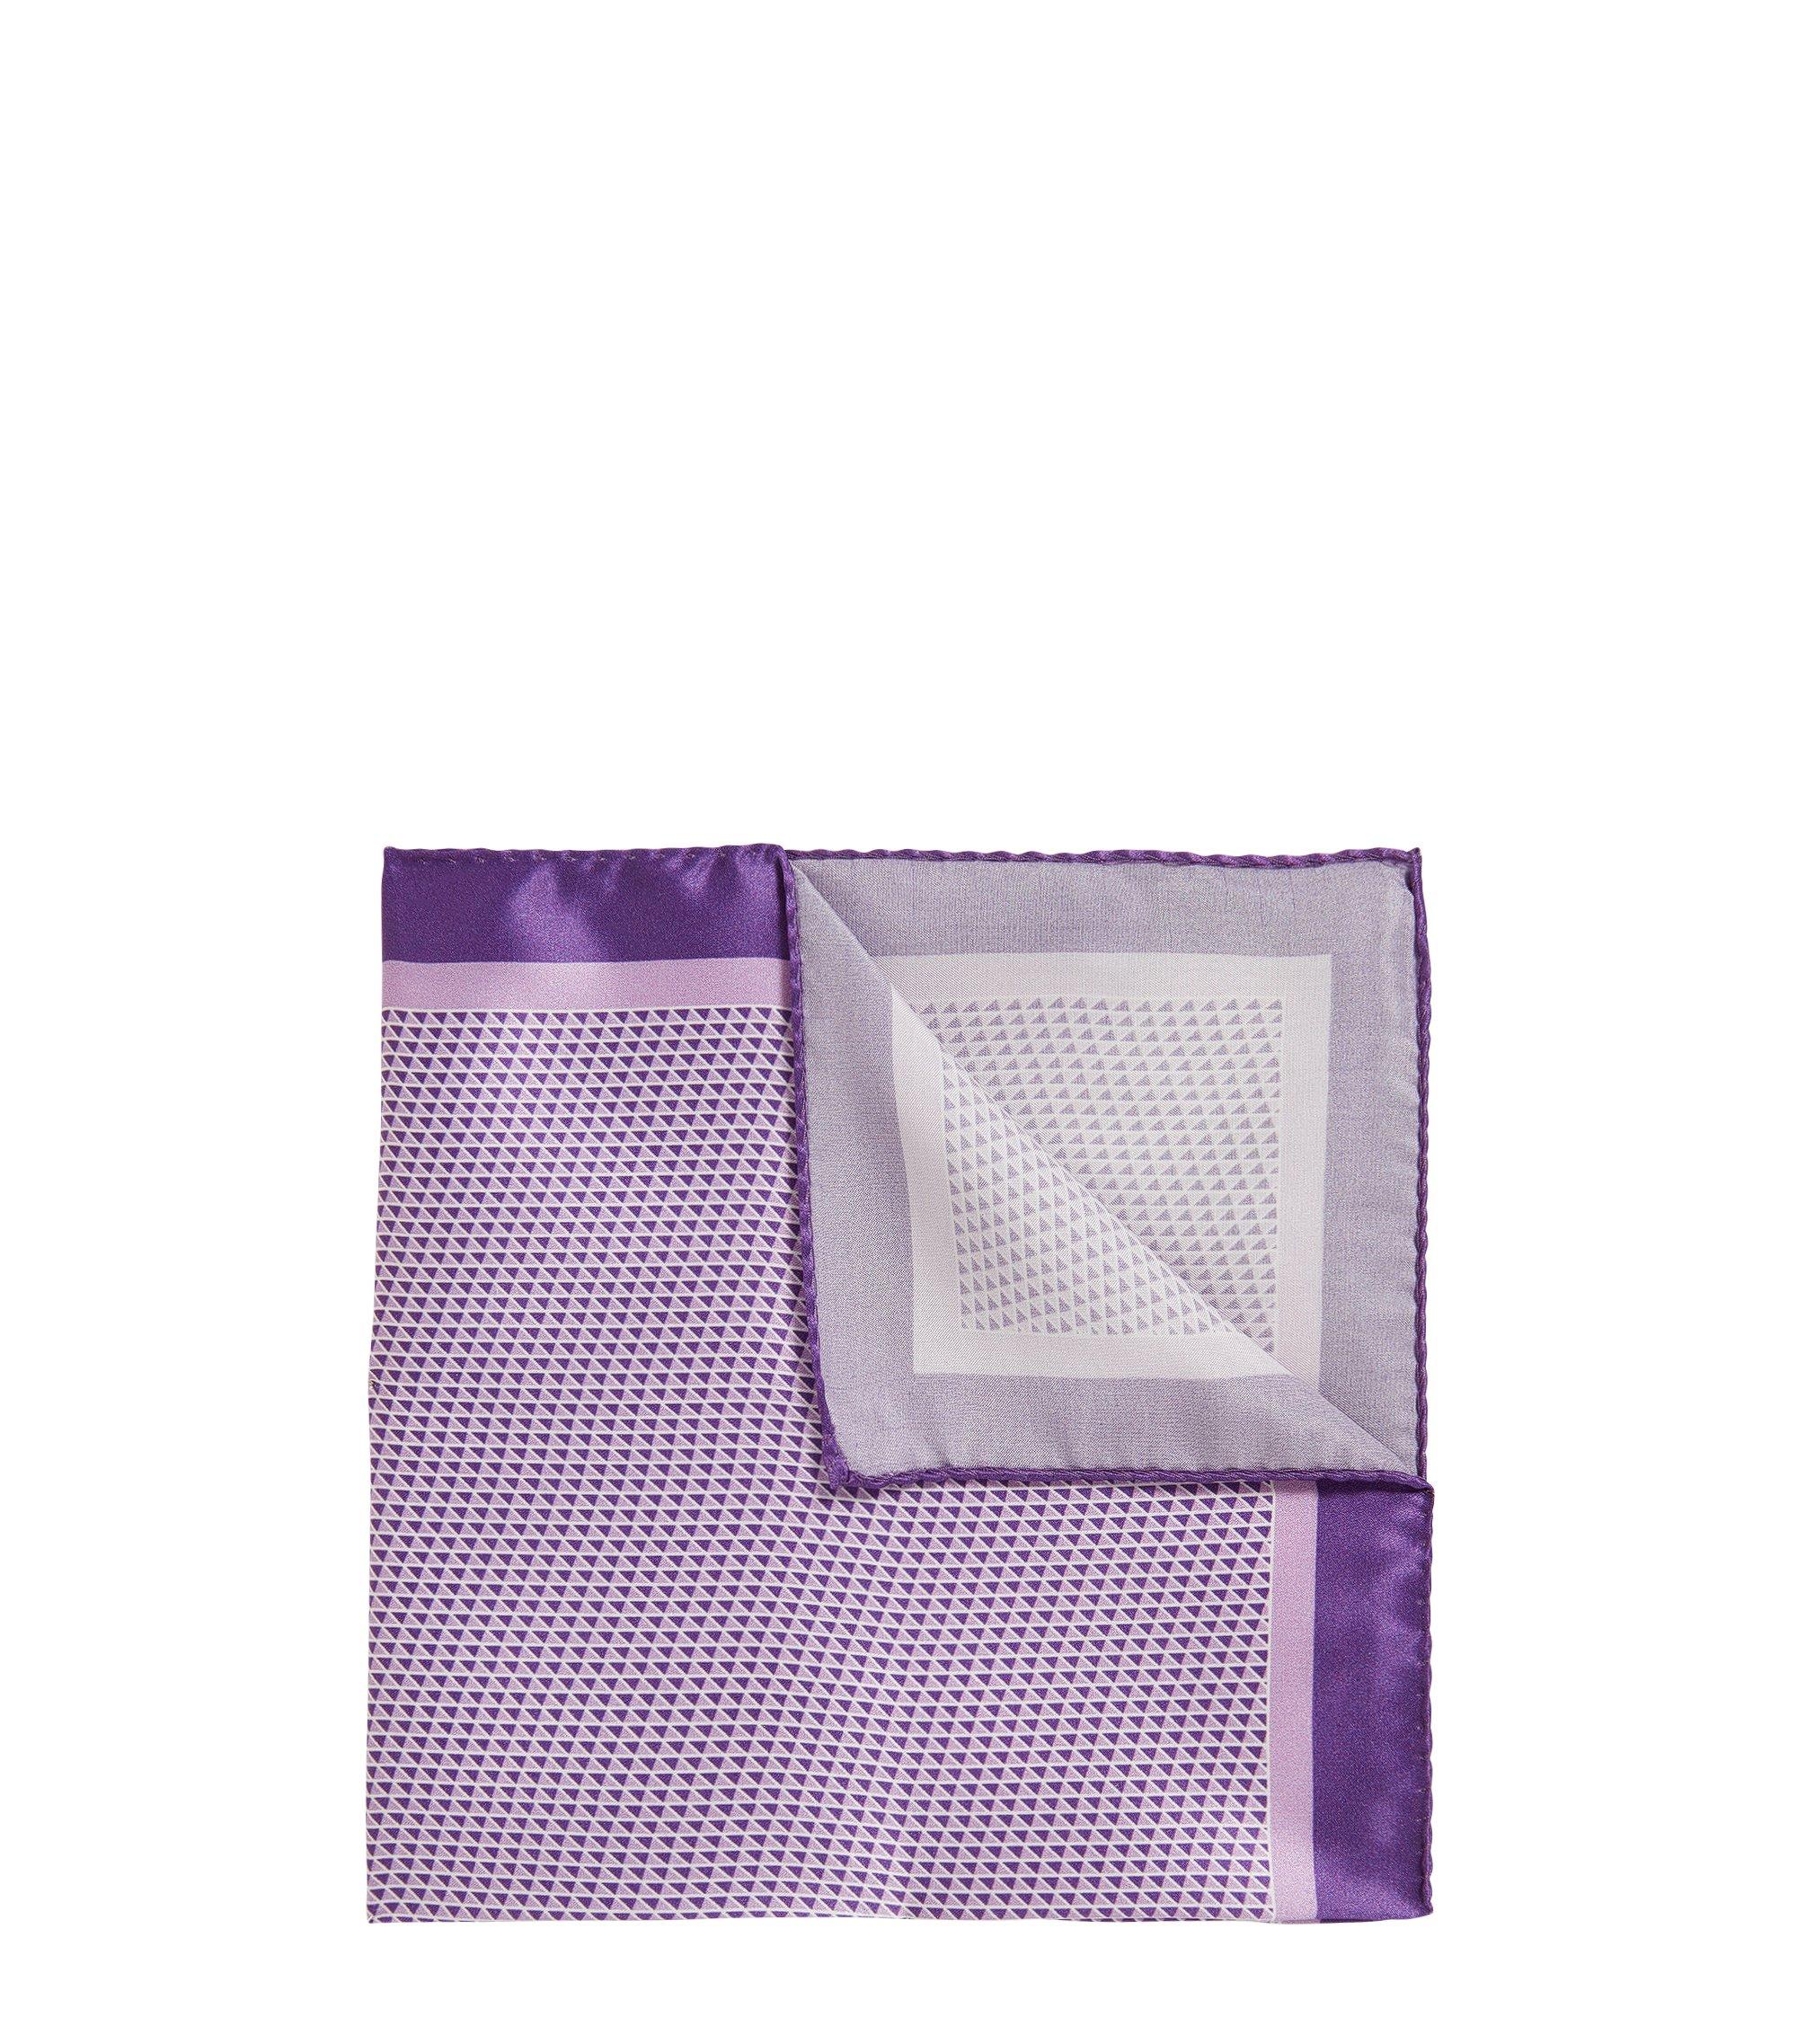 Pochette da taschino con stampa geometrica in pura seta realizzata in Italia, Lilla